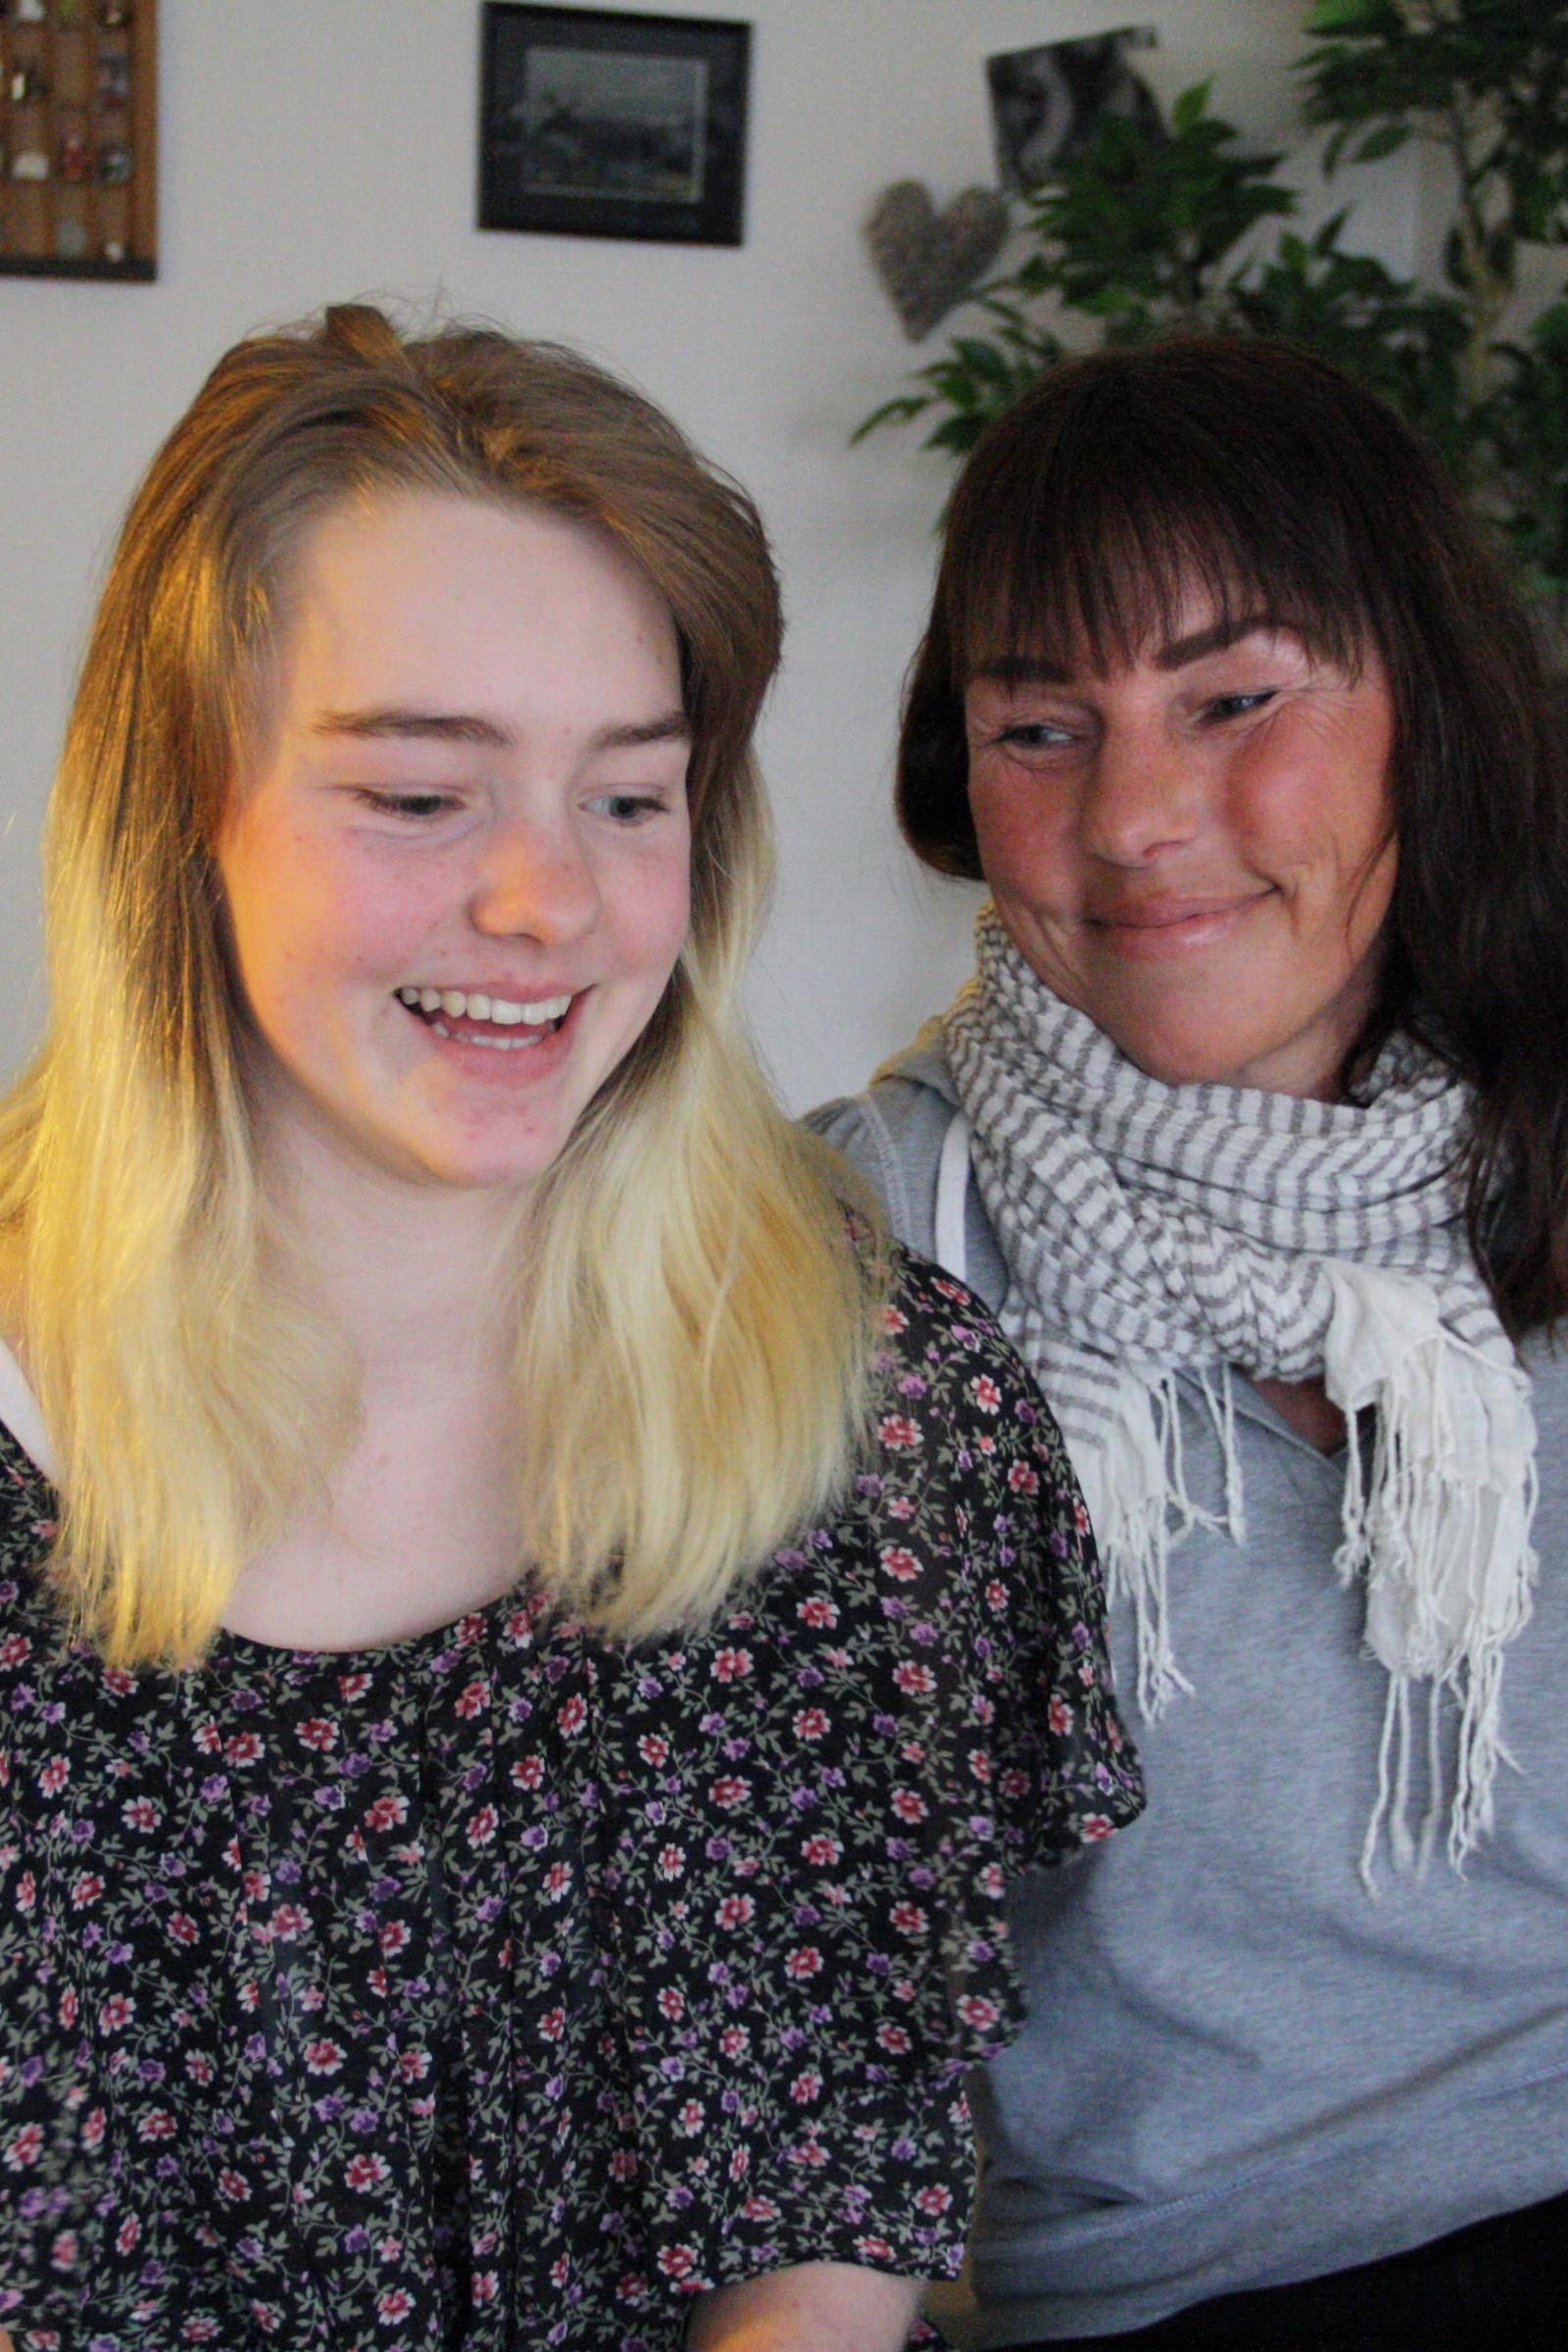 Thea Maria Karlsen og mamma Betty Anne Nielsen har begge konvertert til buddhismen og blitt medlem av den norske sotozen buddhistorden.